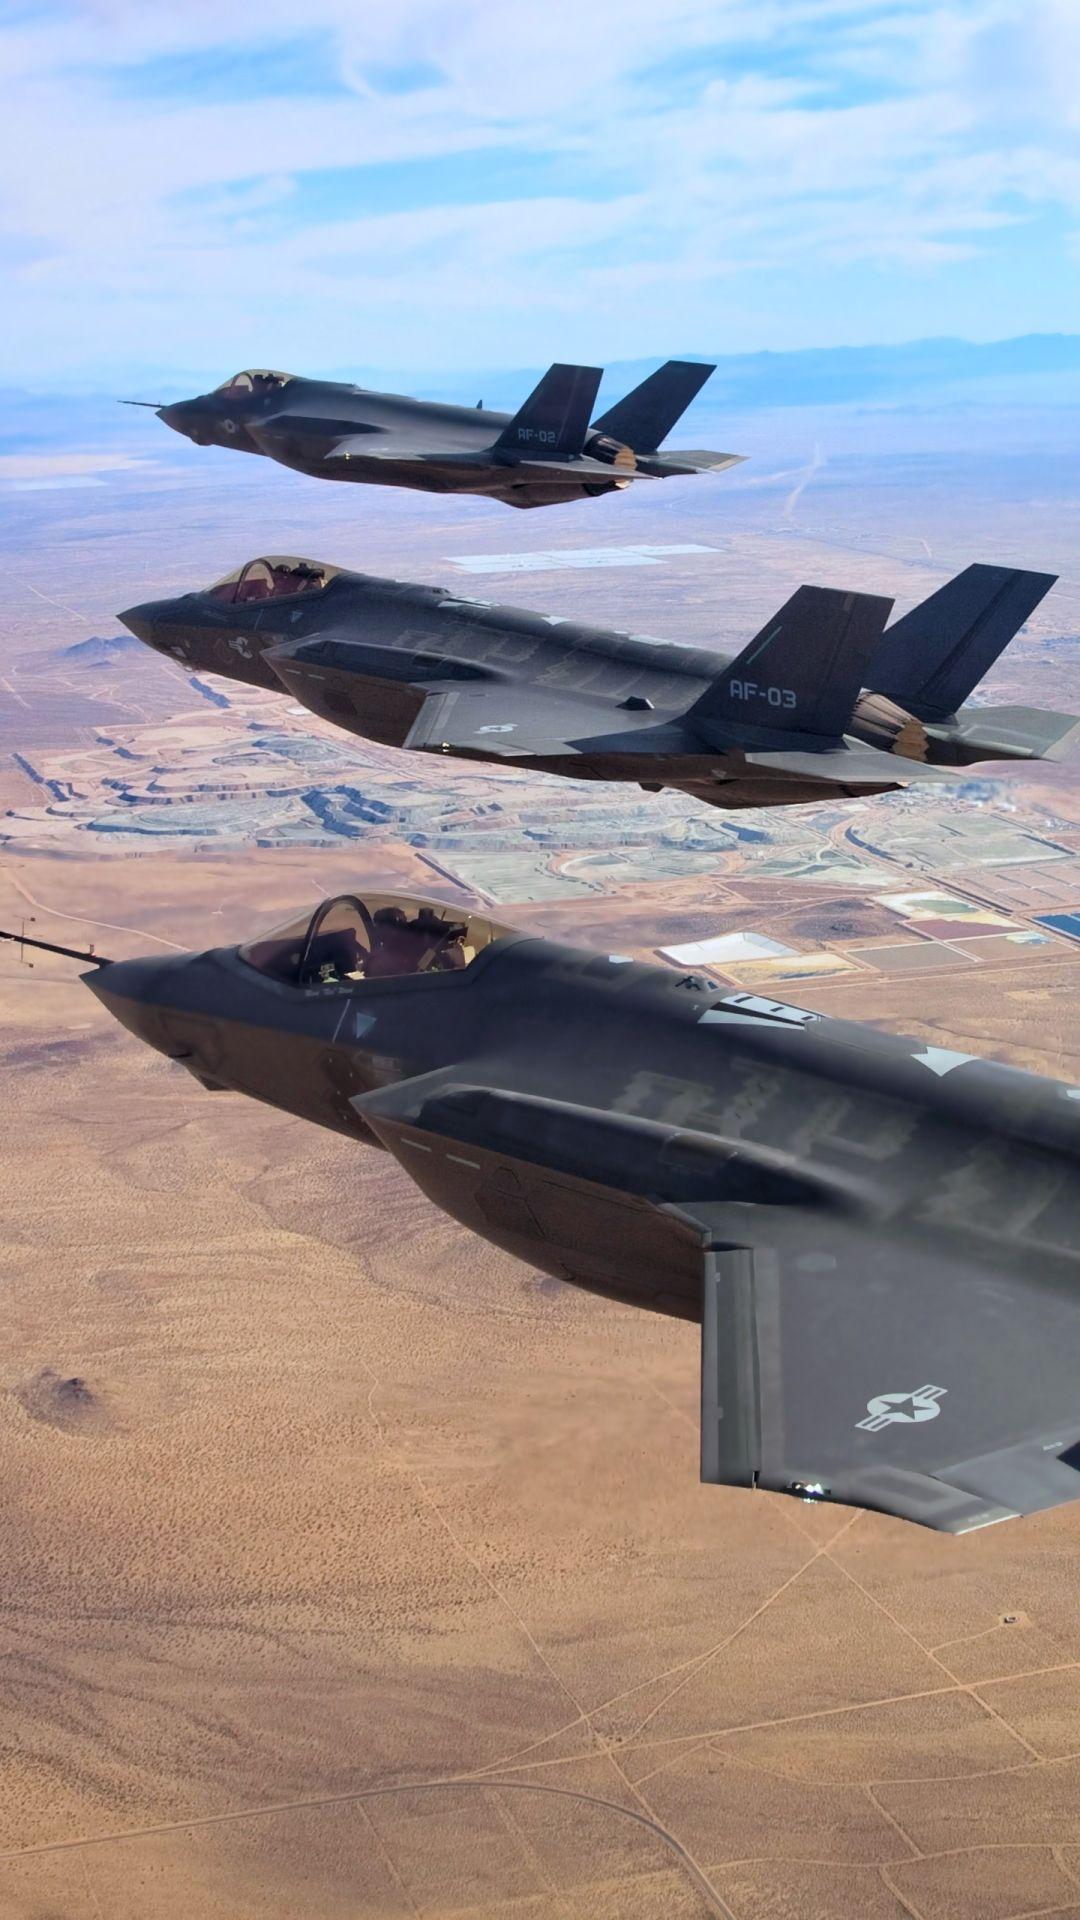 Обои «лайтнинг» ii, F-35, Lockheed, Самолёт. Авиация foto 10